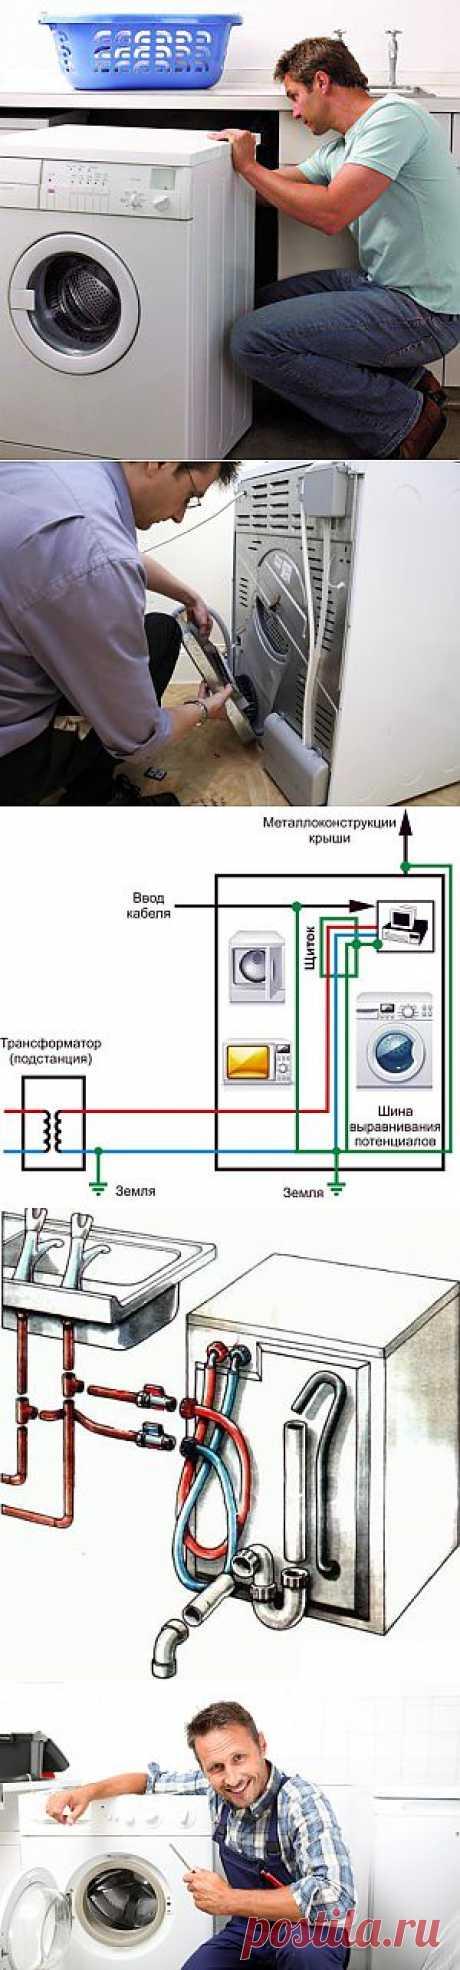 Установка и подключение стиральной машины-автомат своими руками